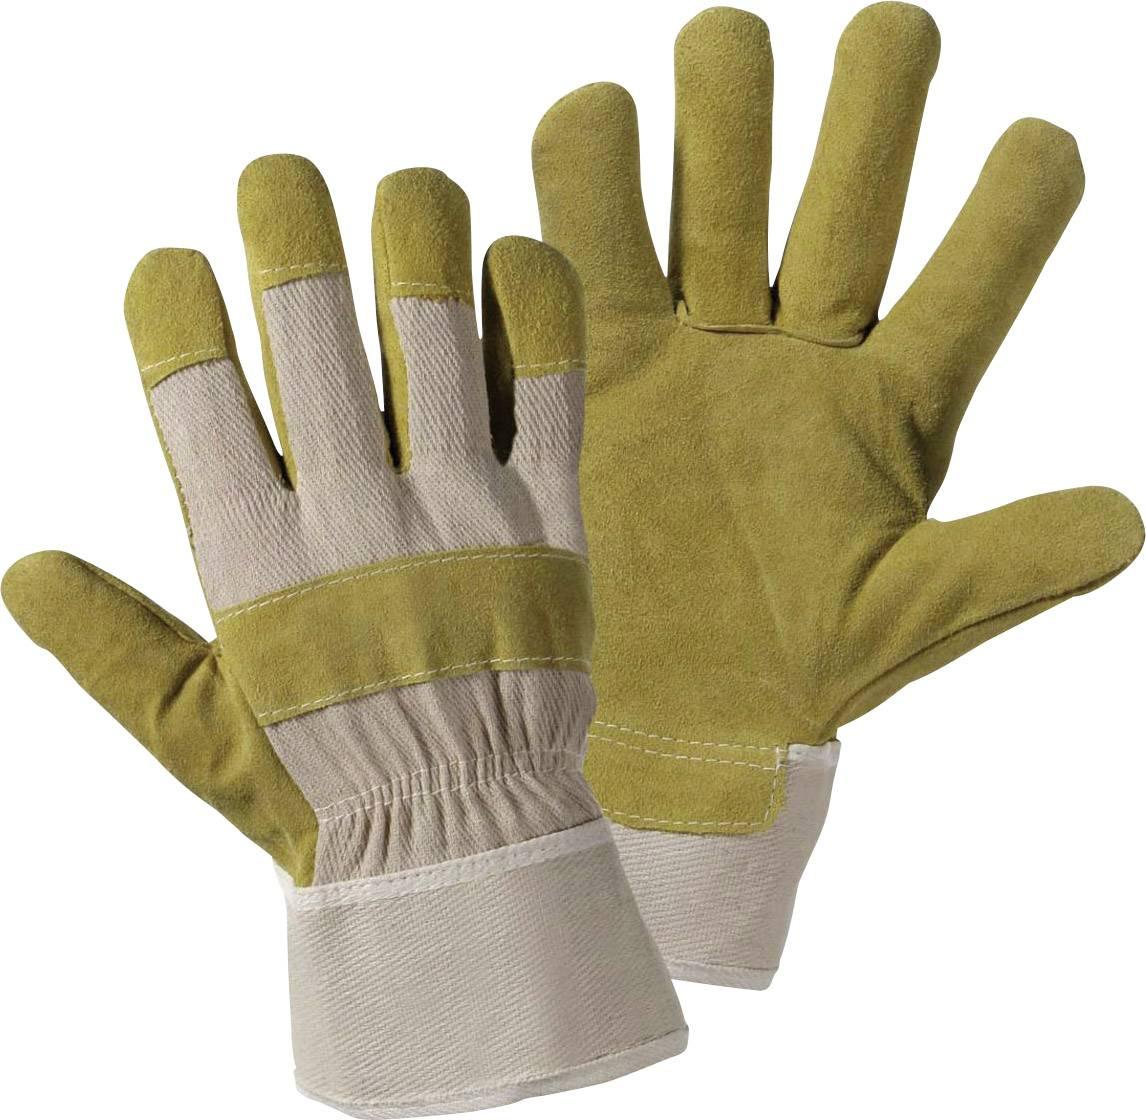 Pracovné rukavice L+D Upixx 1521, velikost rukavic: 10.5, XL